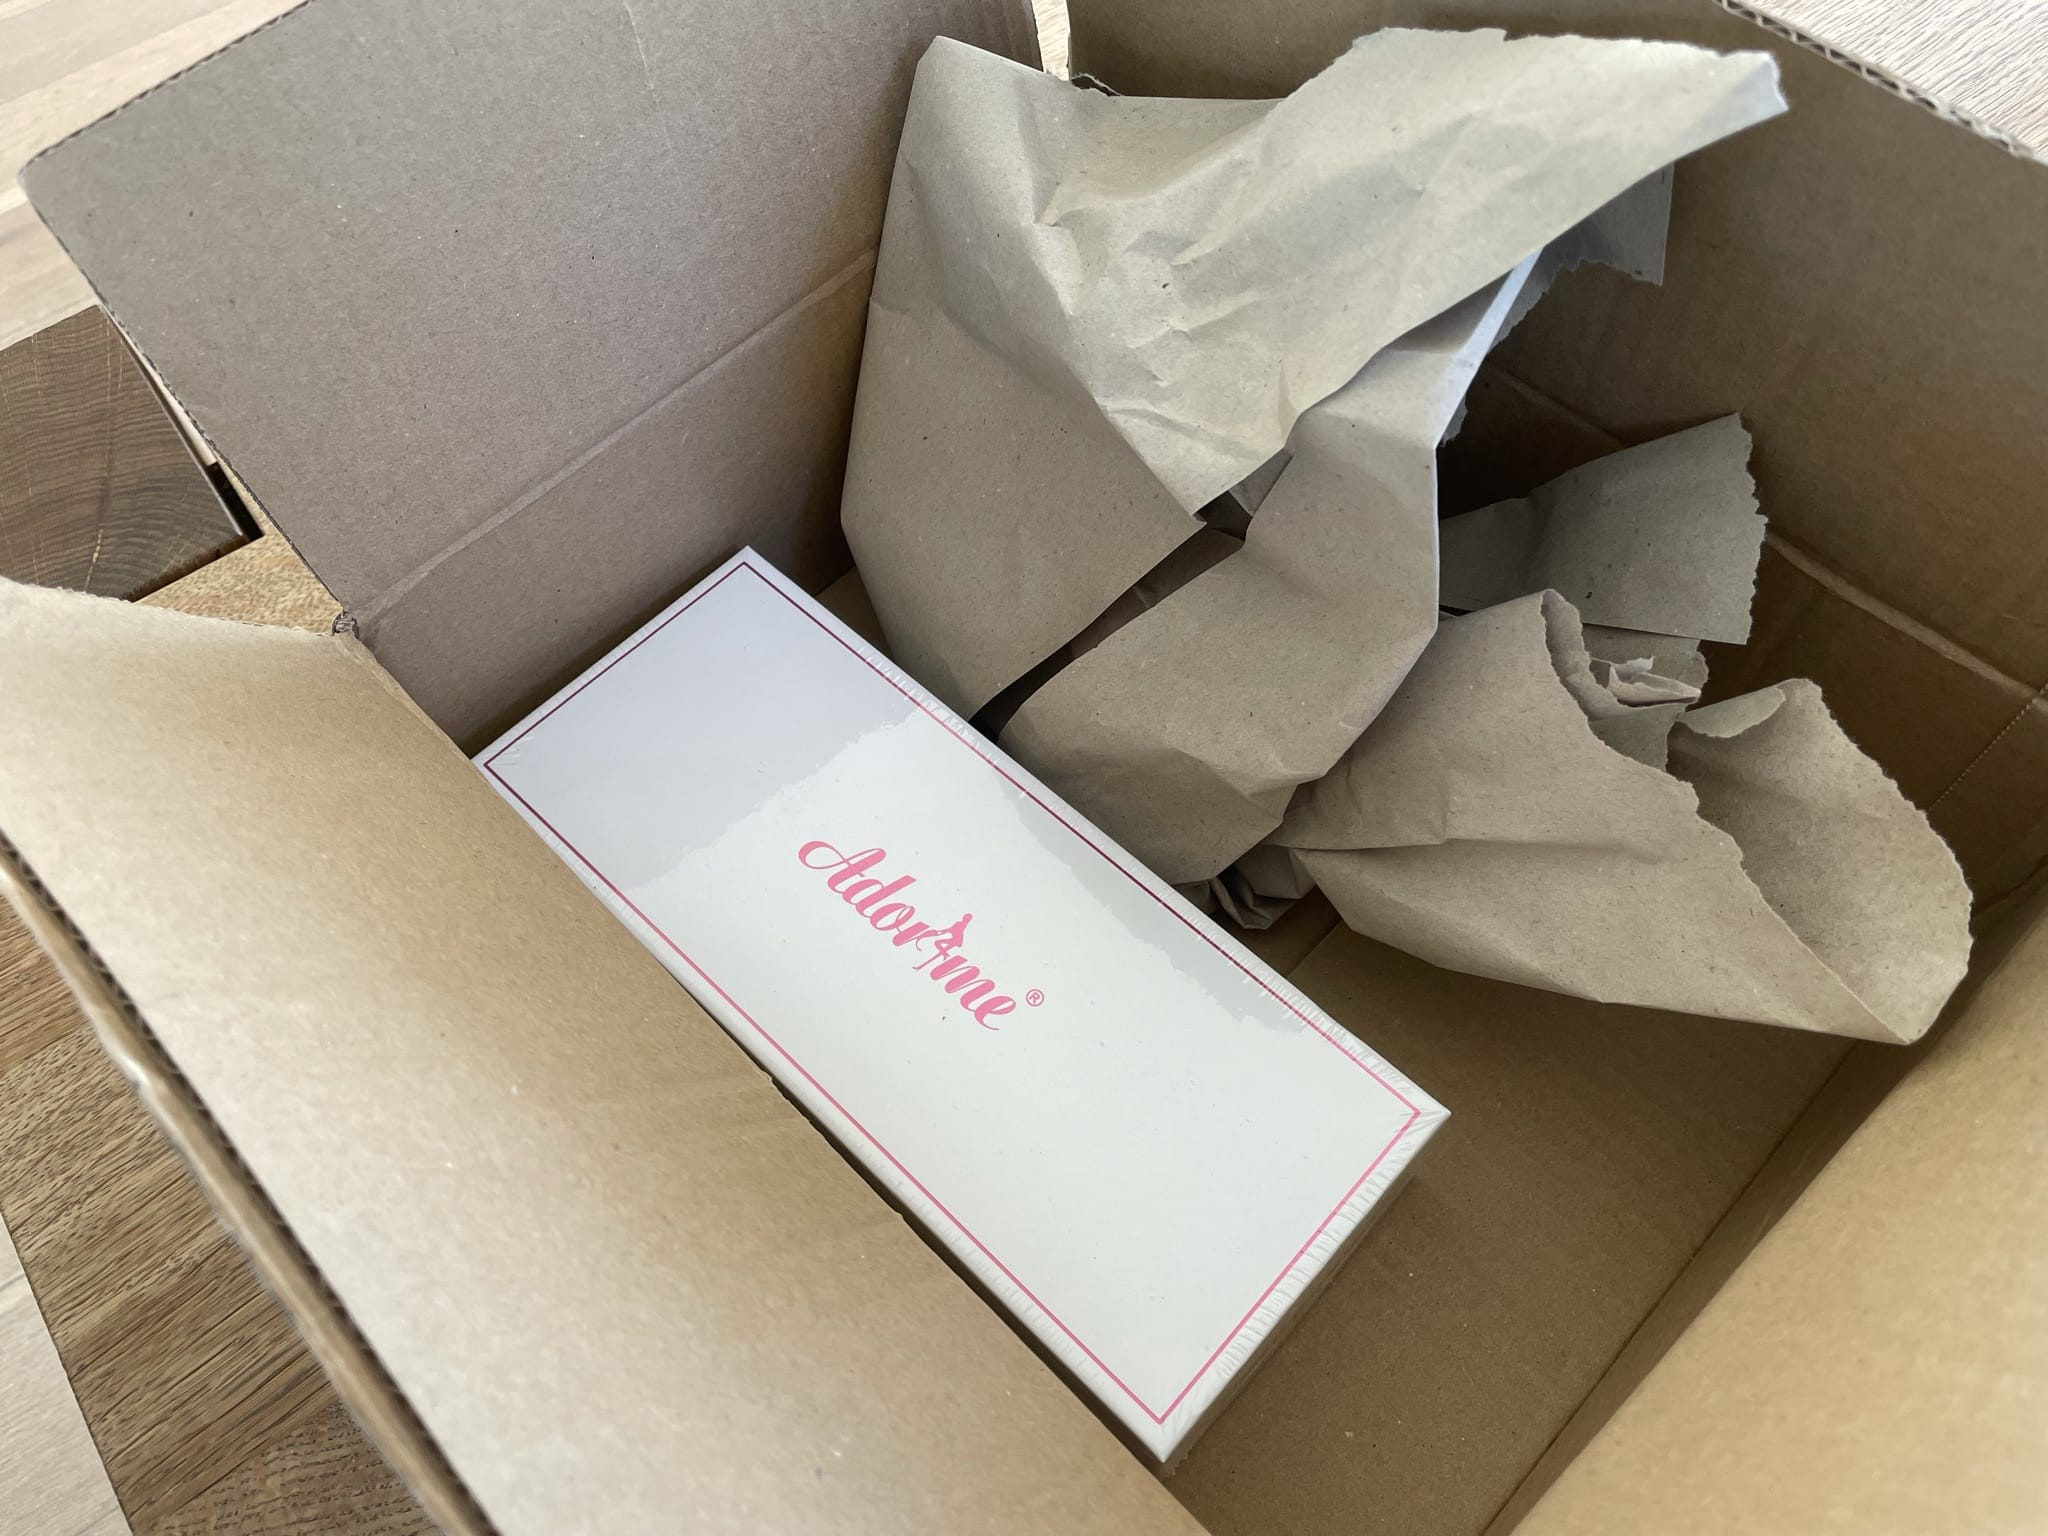 Paket von Amazon geöffnet